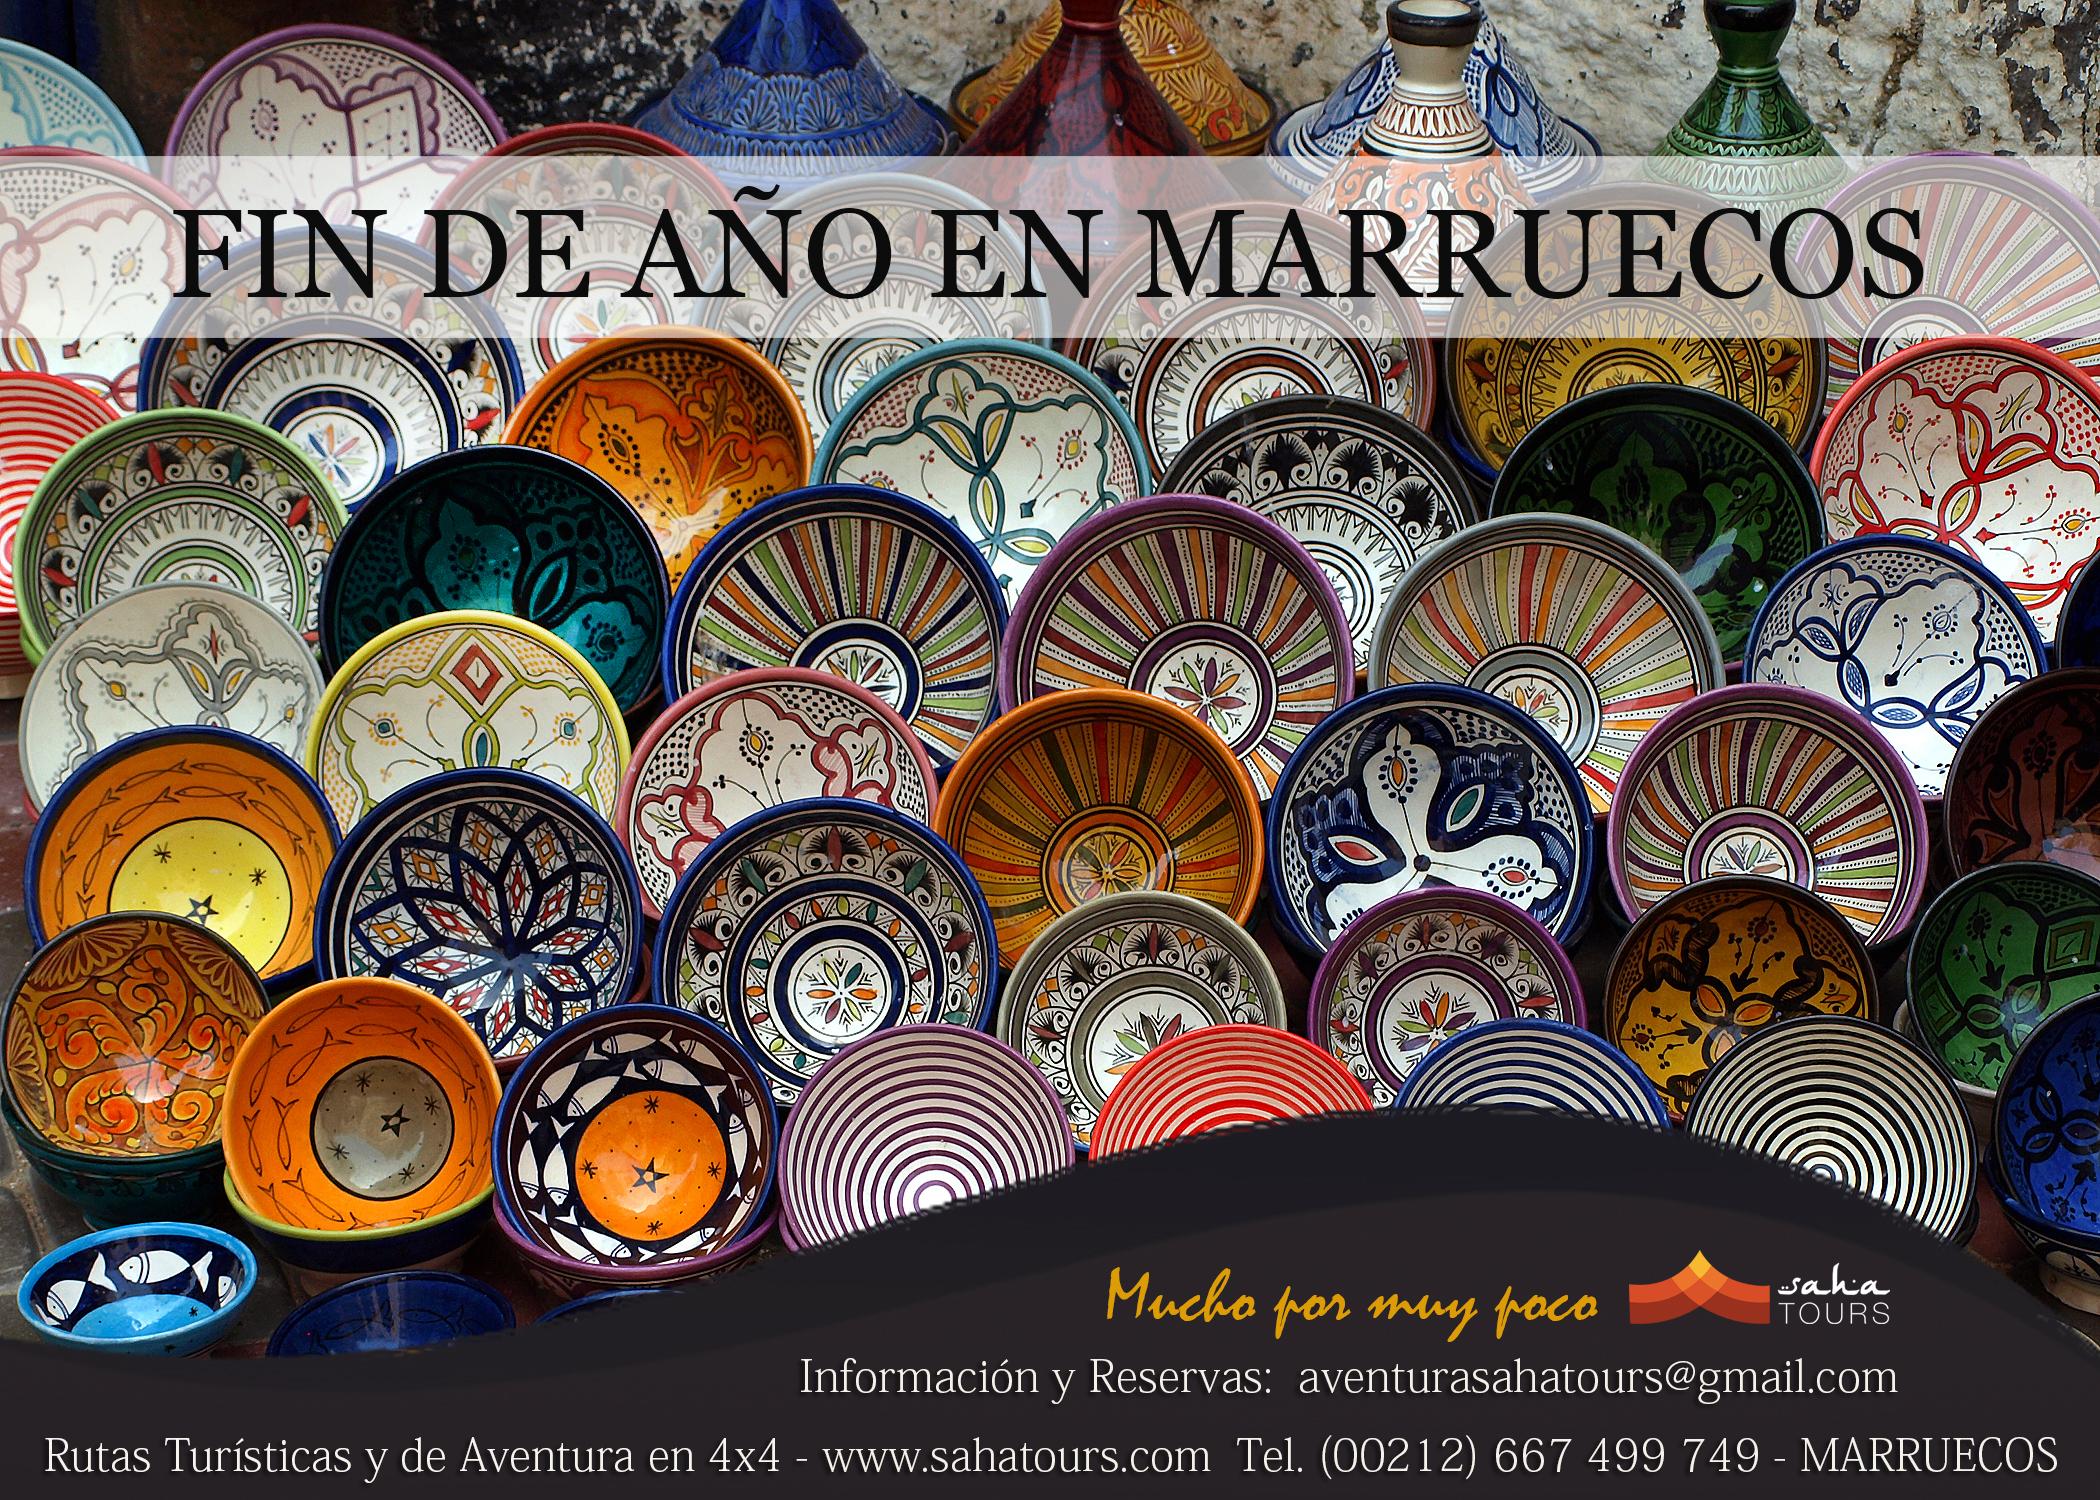 FIN DE AÑO EN MARRUECOS 1